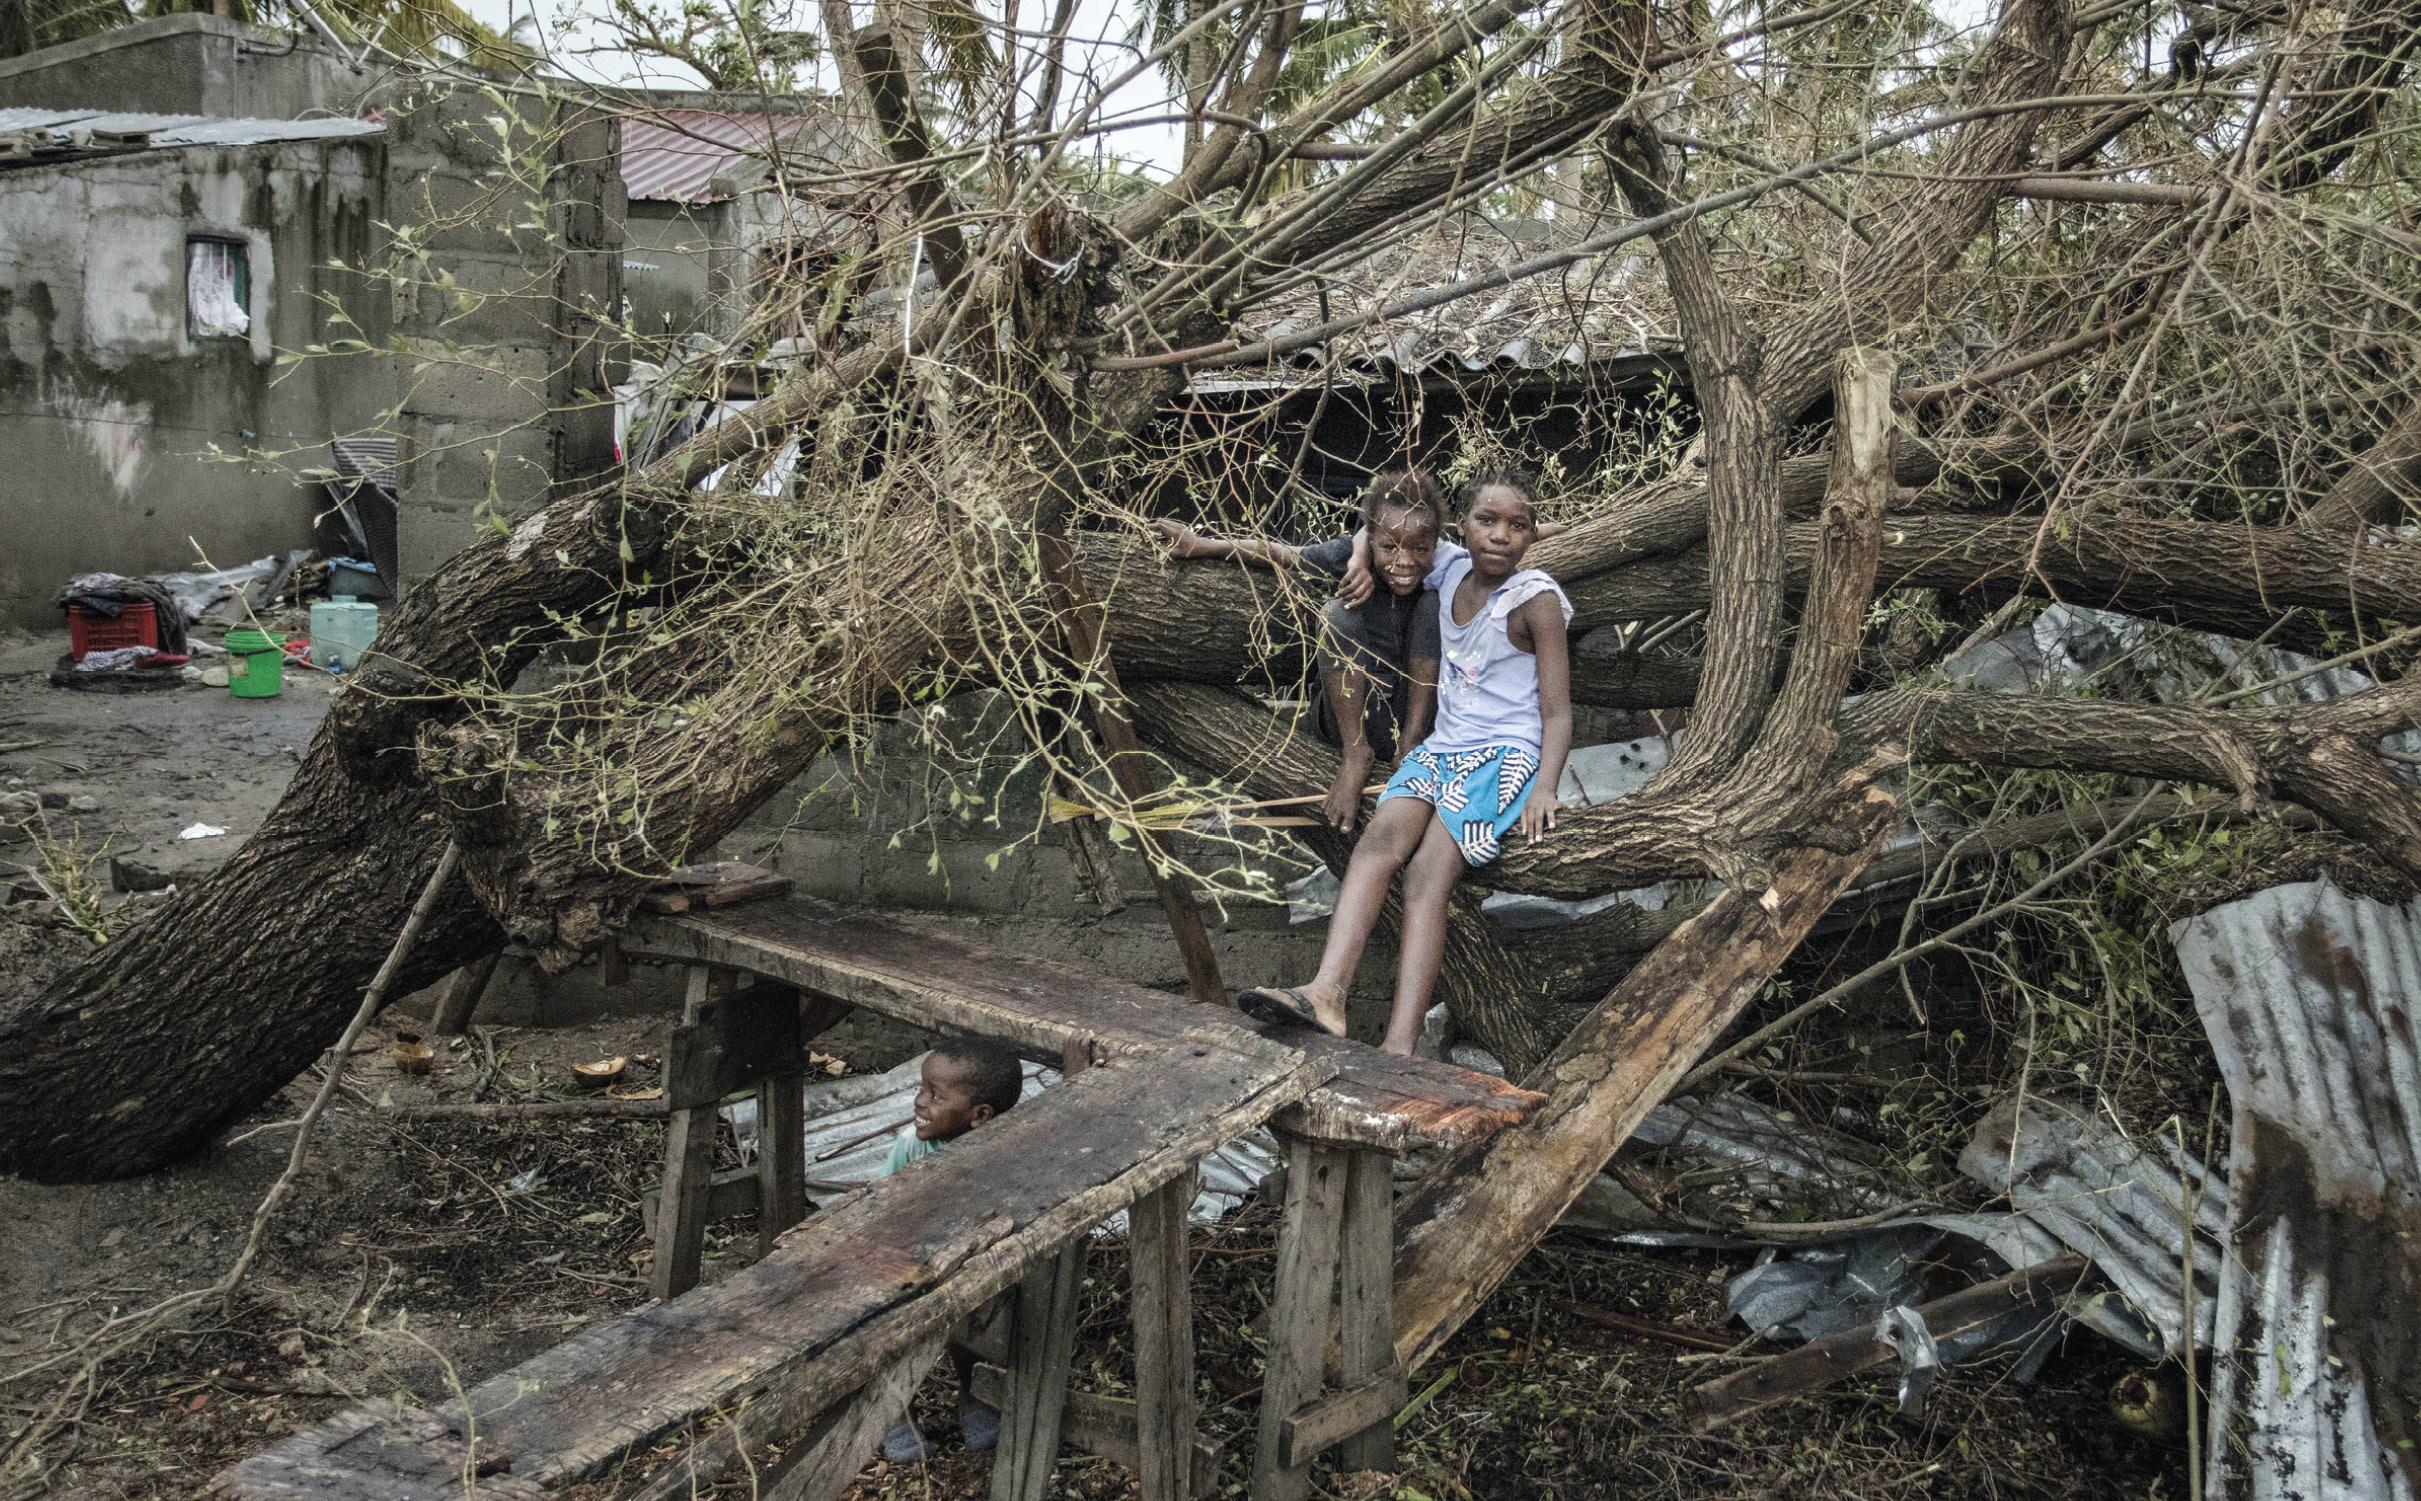 Crianças sentadas entre os escombros, após a passagem do ciclone Idai, na Província de Sofala, Moçambique Central, 16 de março de 2019. EPA / JOSH ESTEY / CARE / WWW.CARE.DE